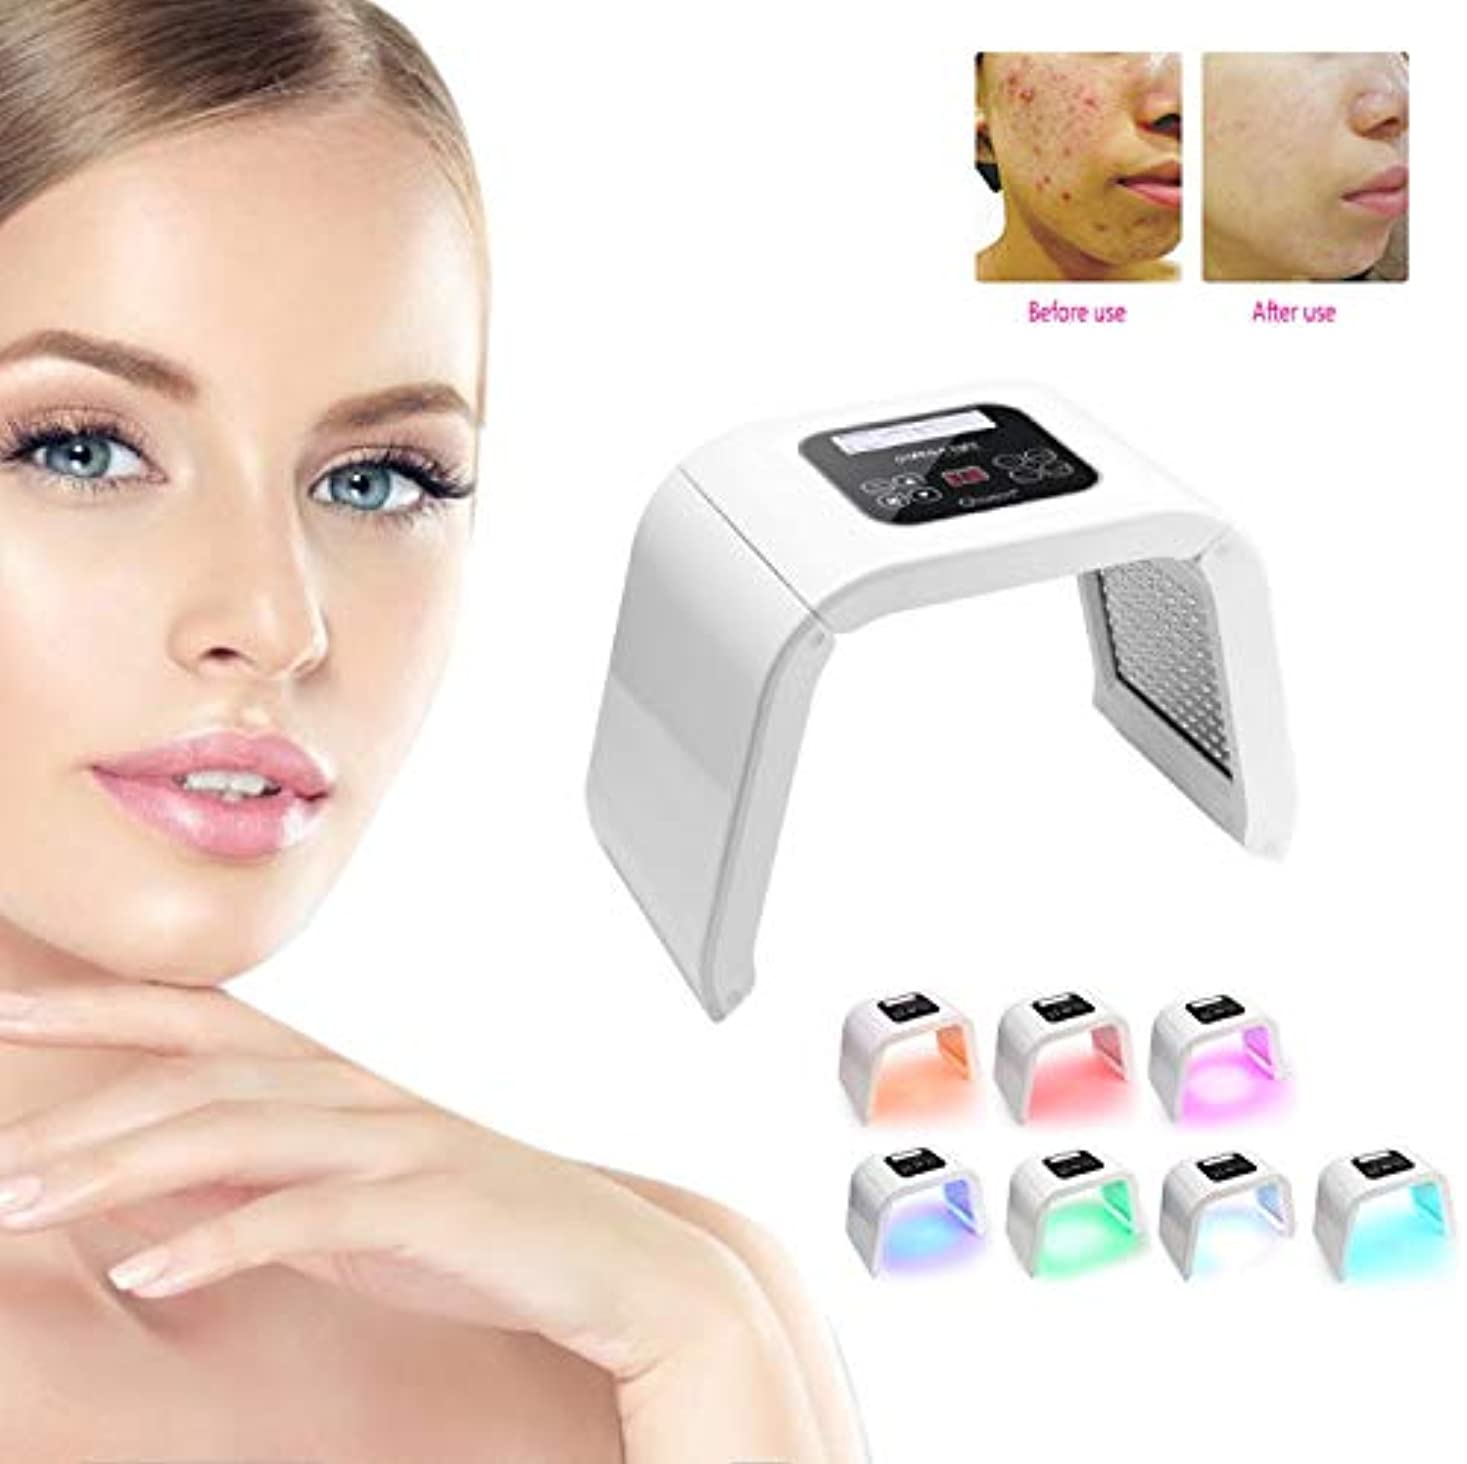 モスク電話するクラブ光線力学的顔の皮の若返り機械、PDT 4色LEDライト美ランプのアクネの処置のスキンケア機械顔機械(US)